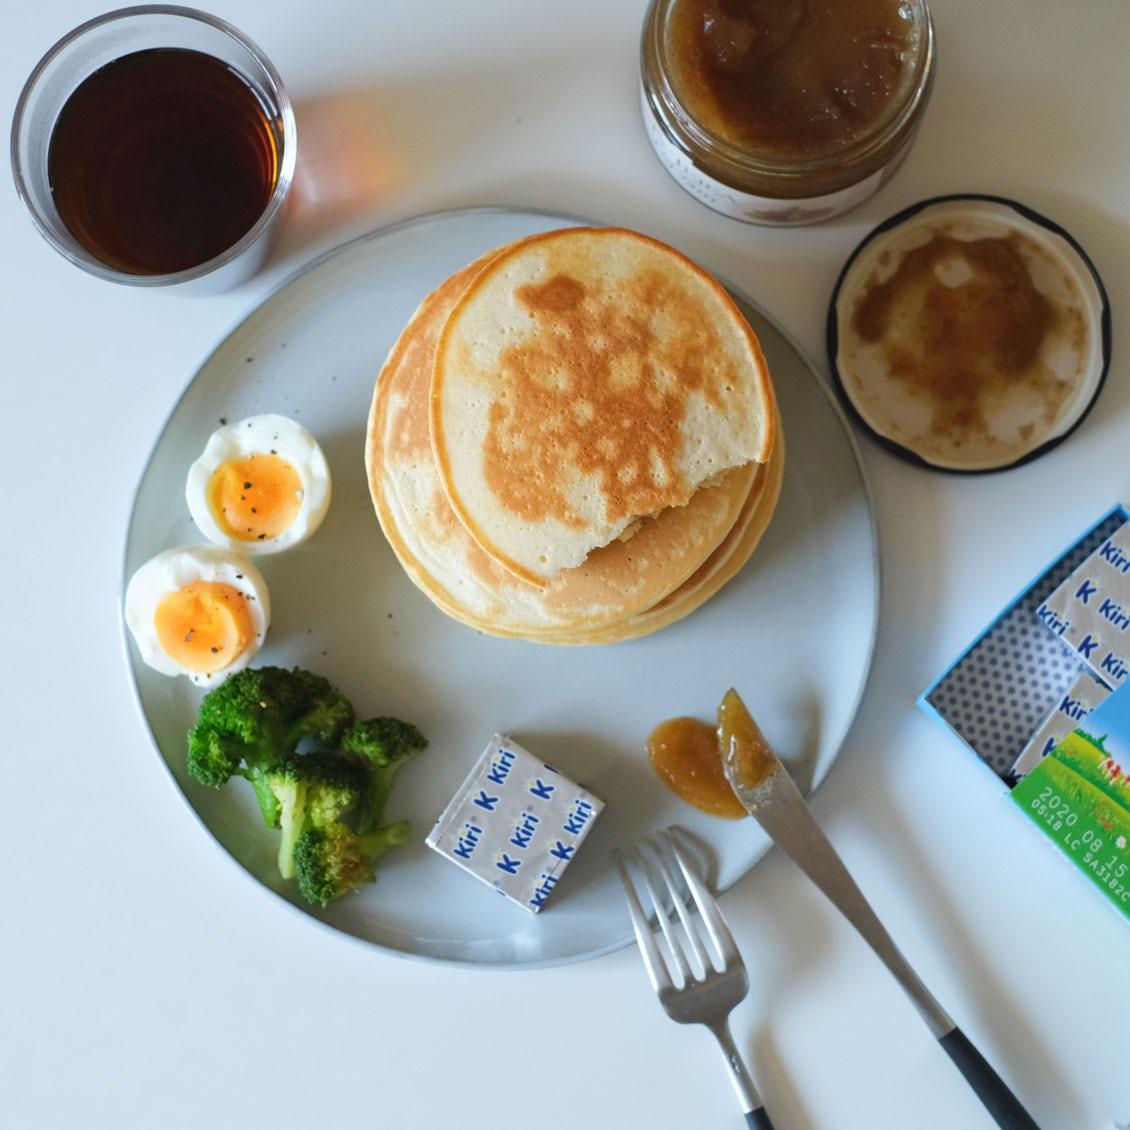 【朝食と器】ホットサンドからパンケーキまで。スタッフの「休日朝ごはん」を大解剖!(vol.2)